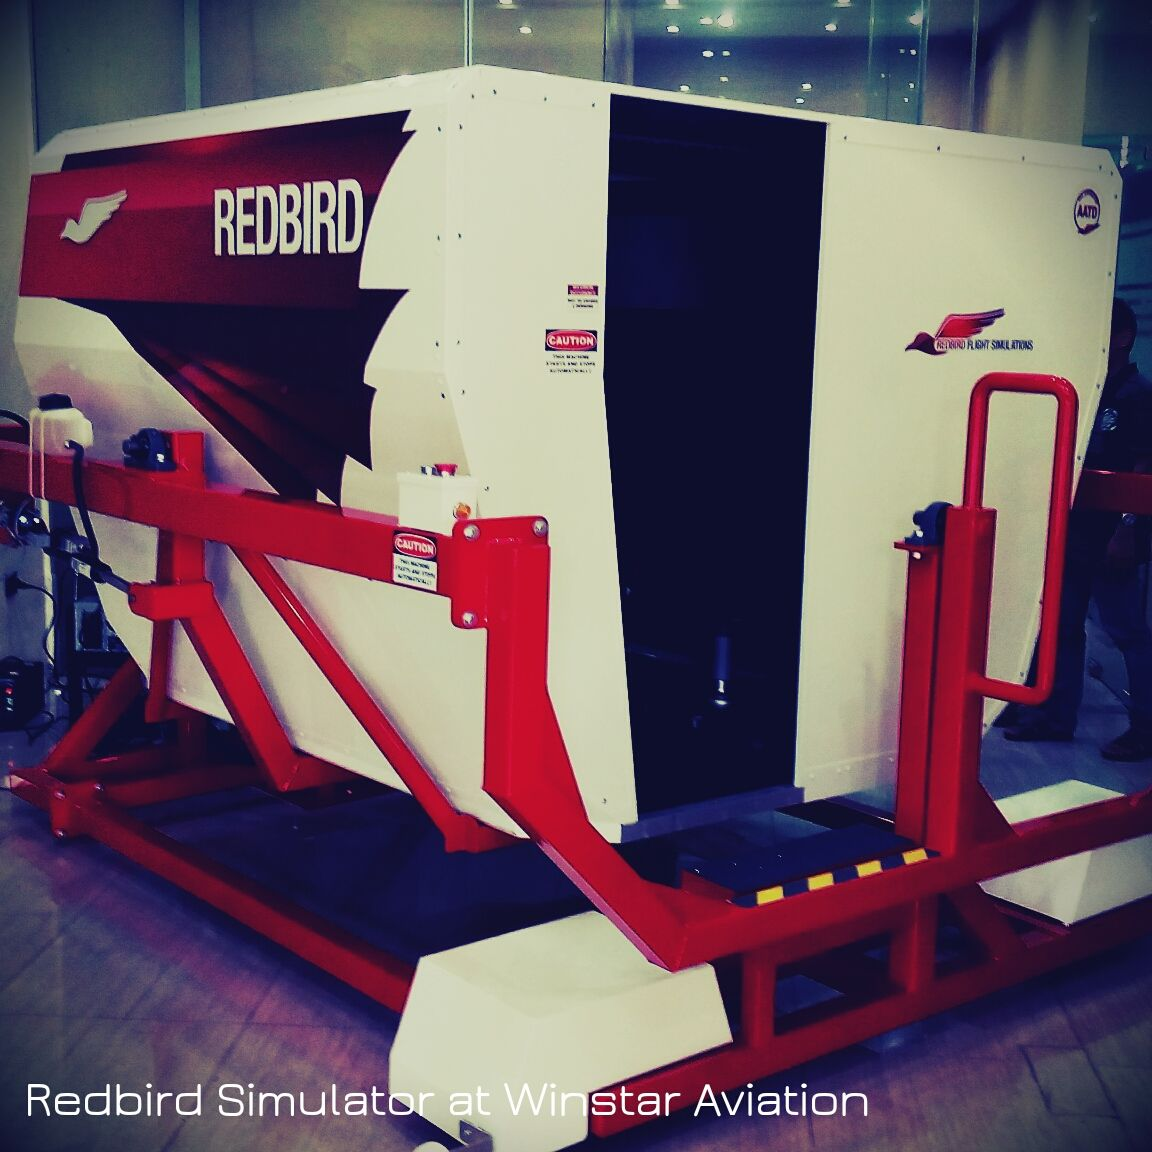 Redbird FMX Flight Simulator at Winstar Aviation Office